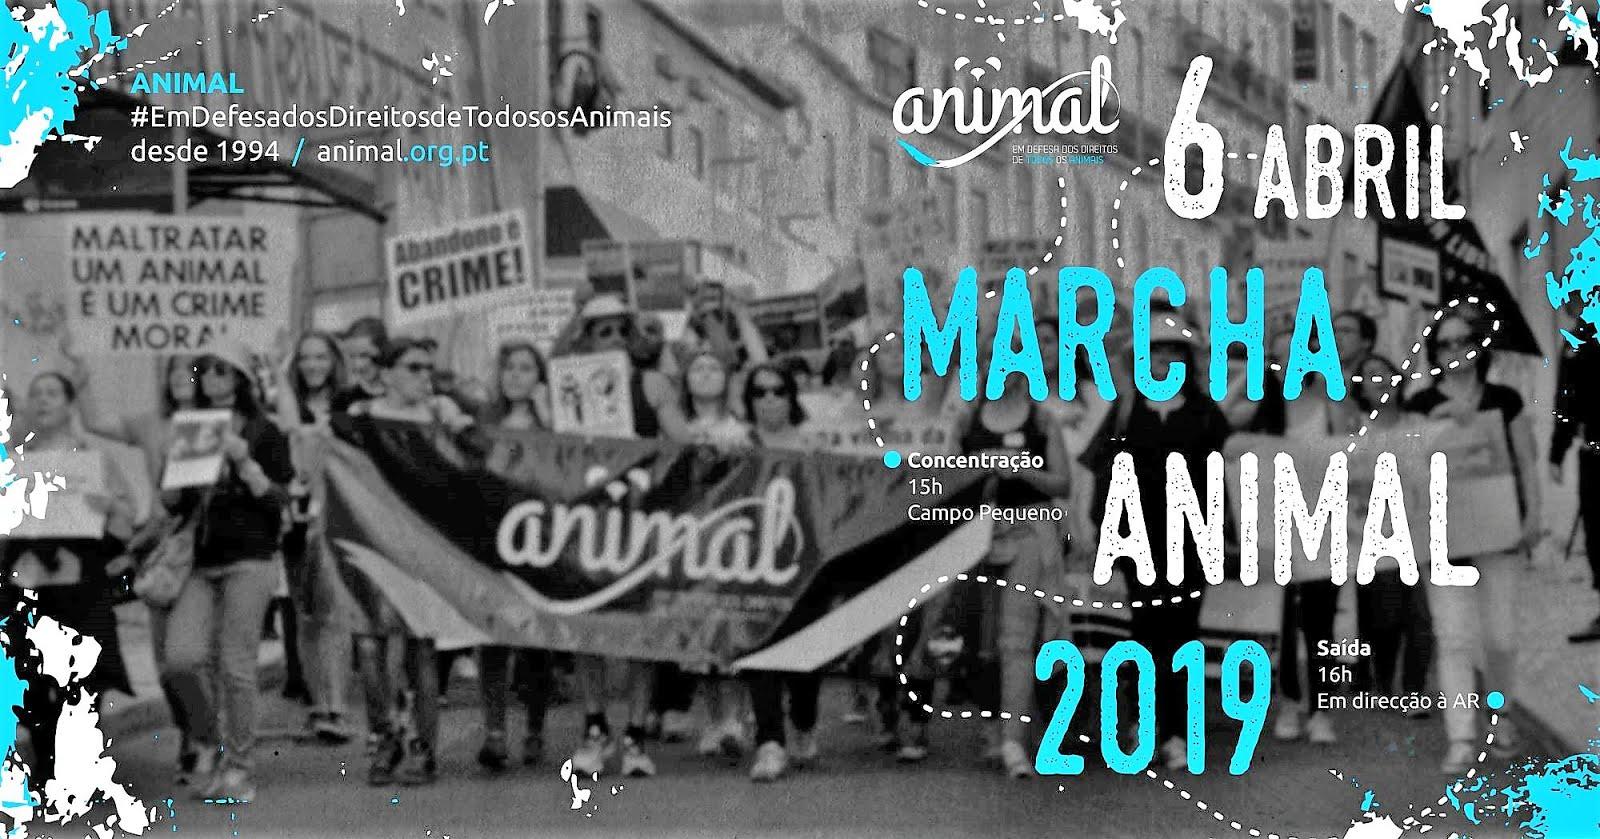 6 de abril, 15h00: Lisboa (Campo Pequeno)